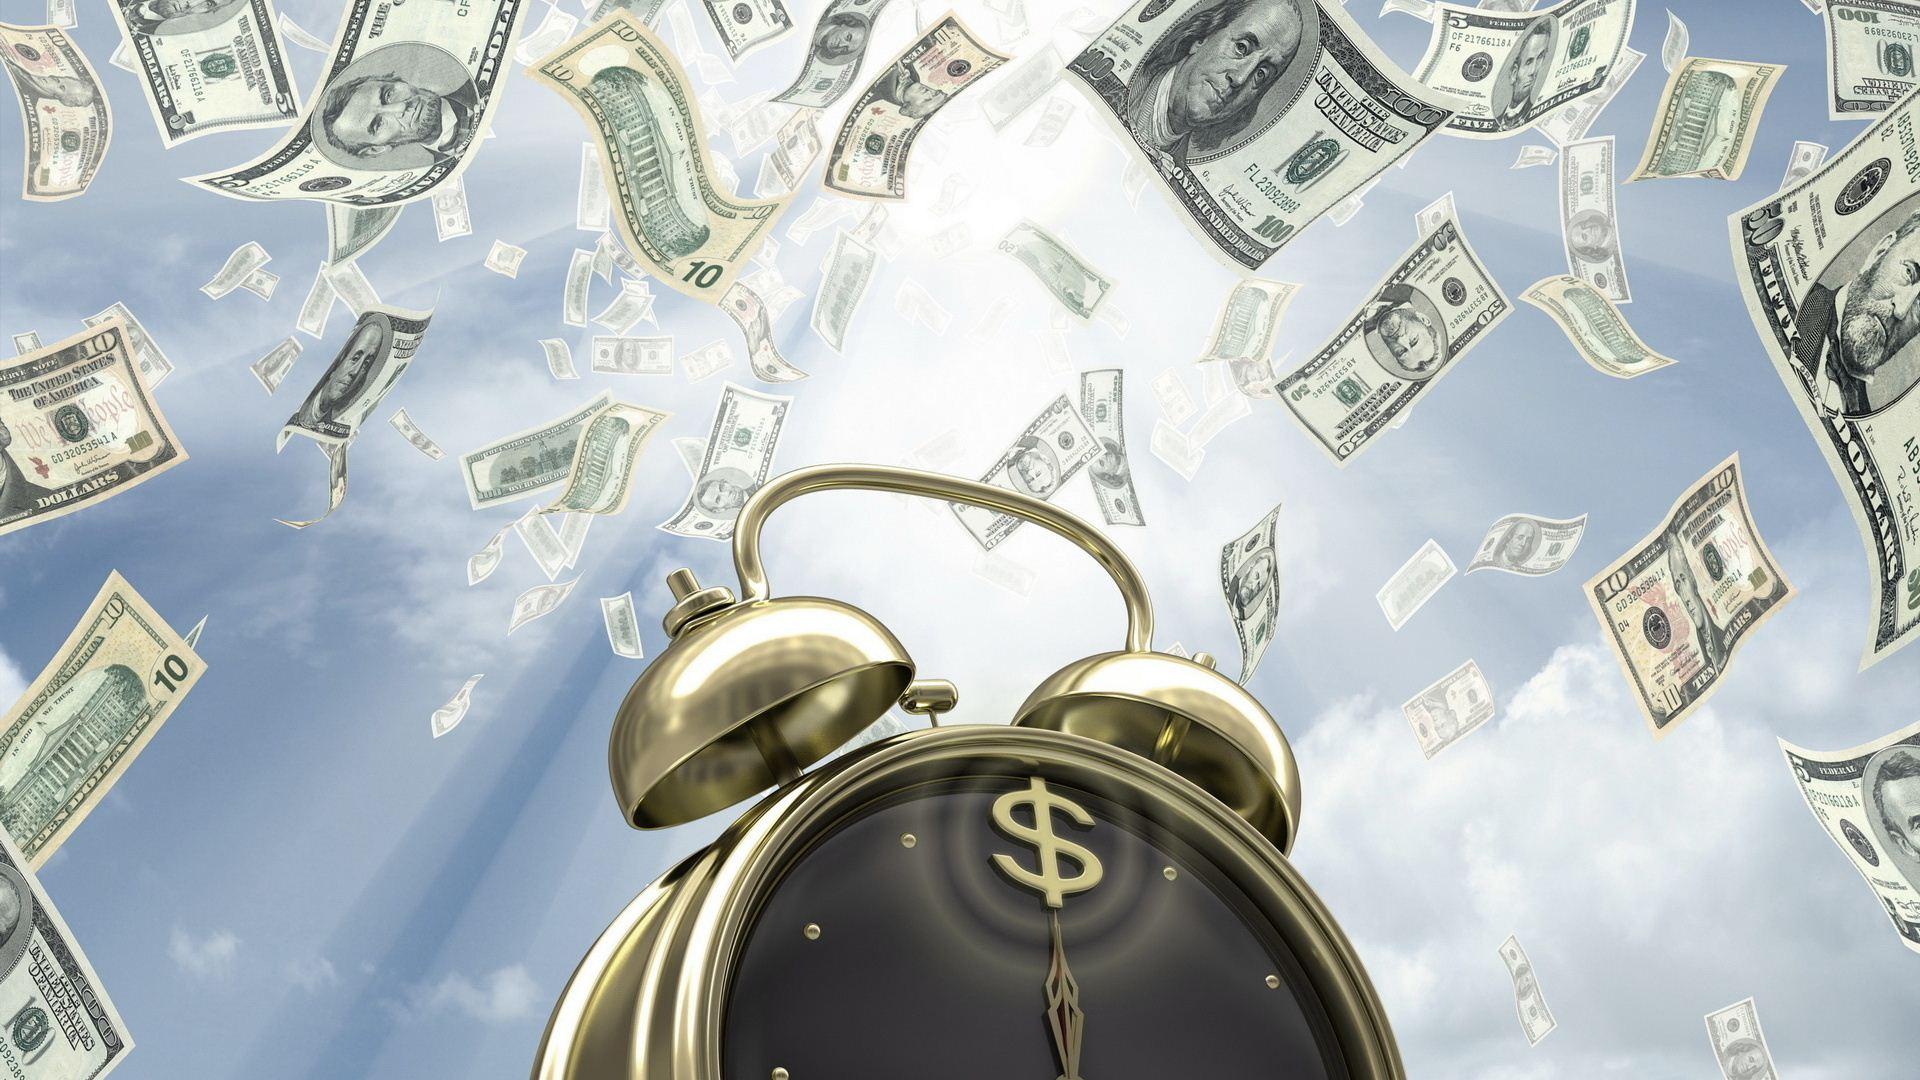 Naudas aizdevumi VS pasīvie ienākumi: ko izvēlēties ilgtermiņā?